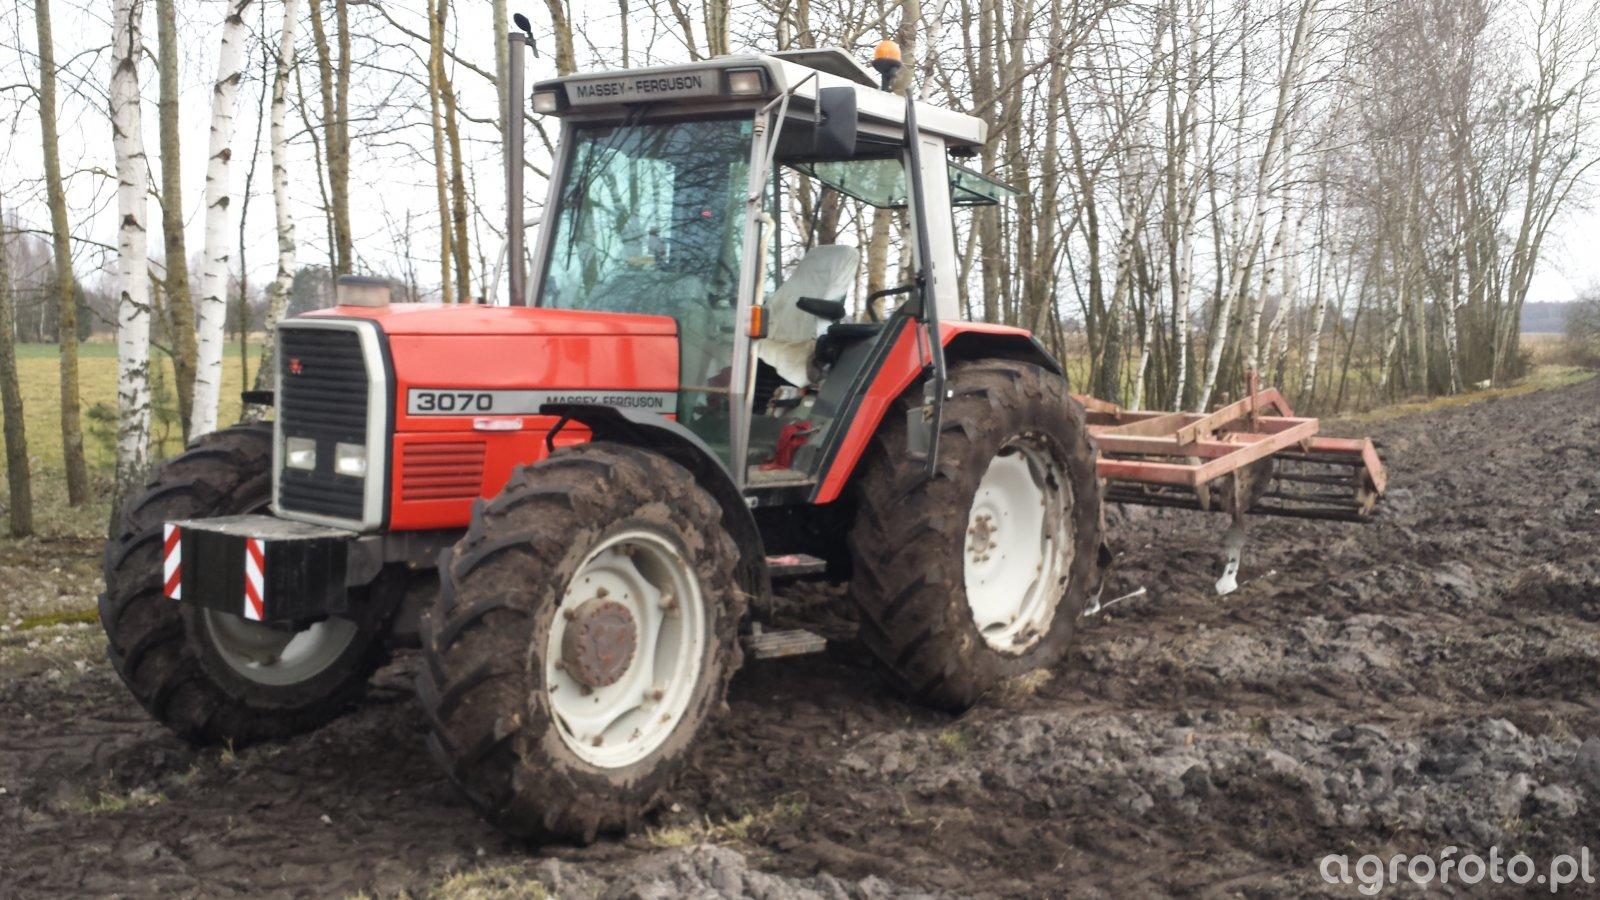 Massey Ferguson 3070 + gruber becker 3m